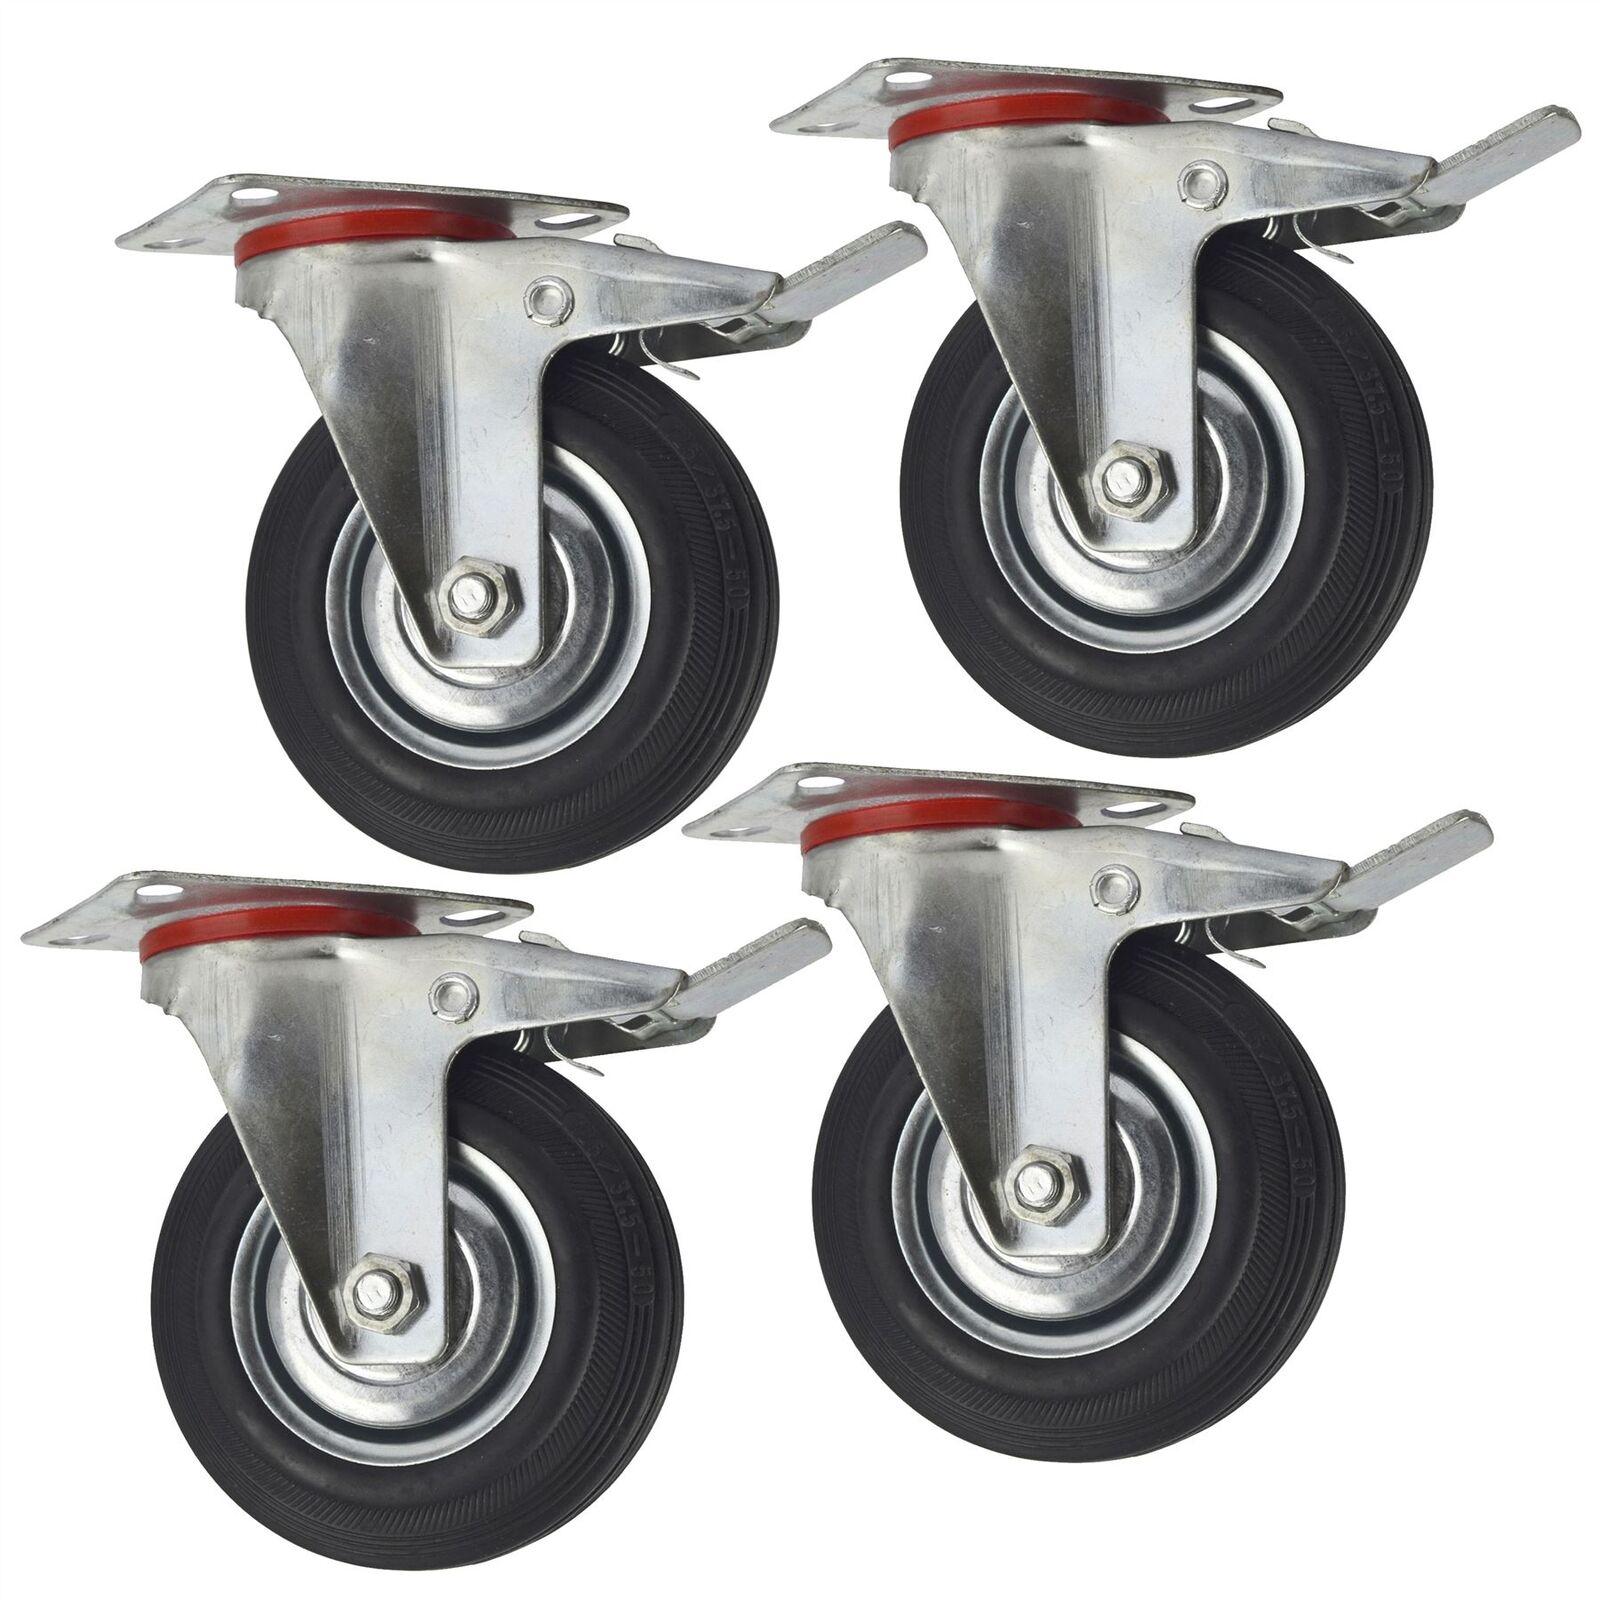 5  (125mm) le caoutchouc pivotante avec frein roues pivotantes Roulettes Trolle